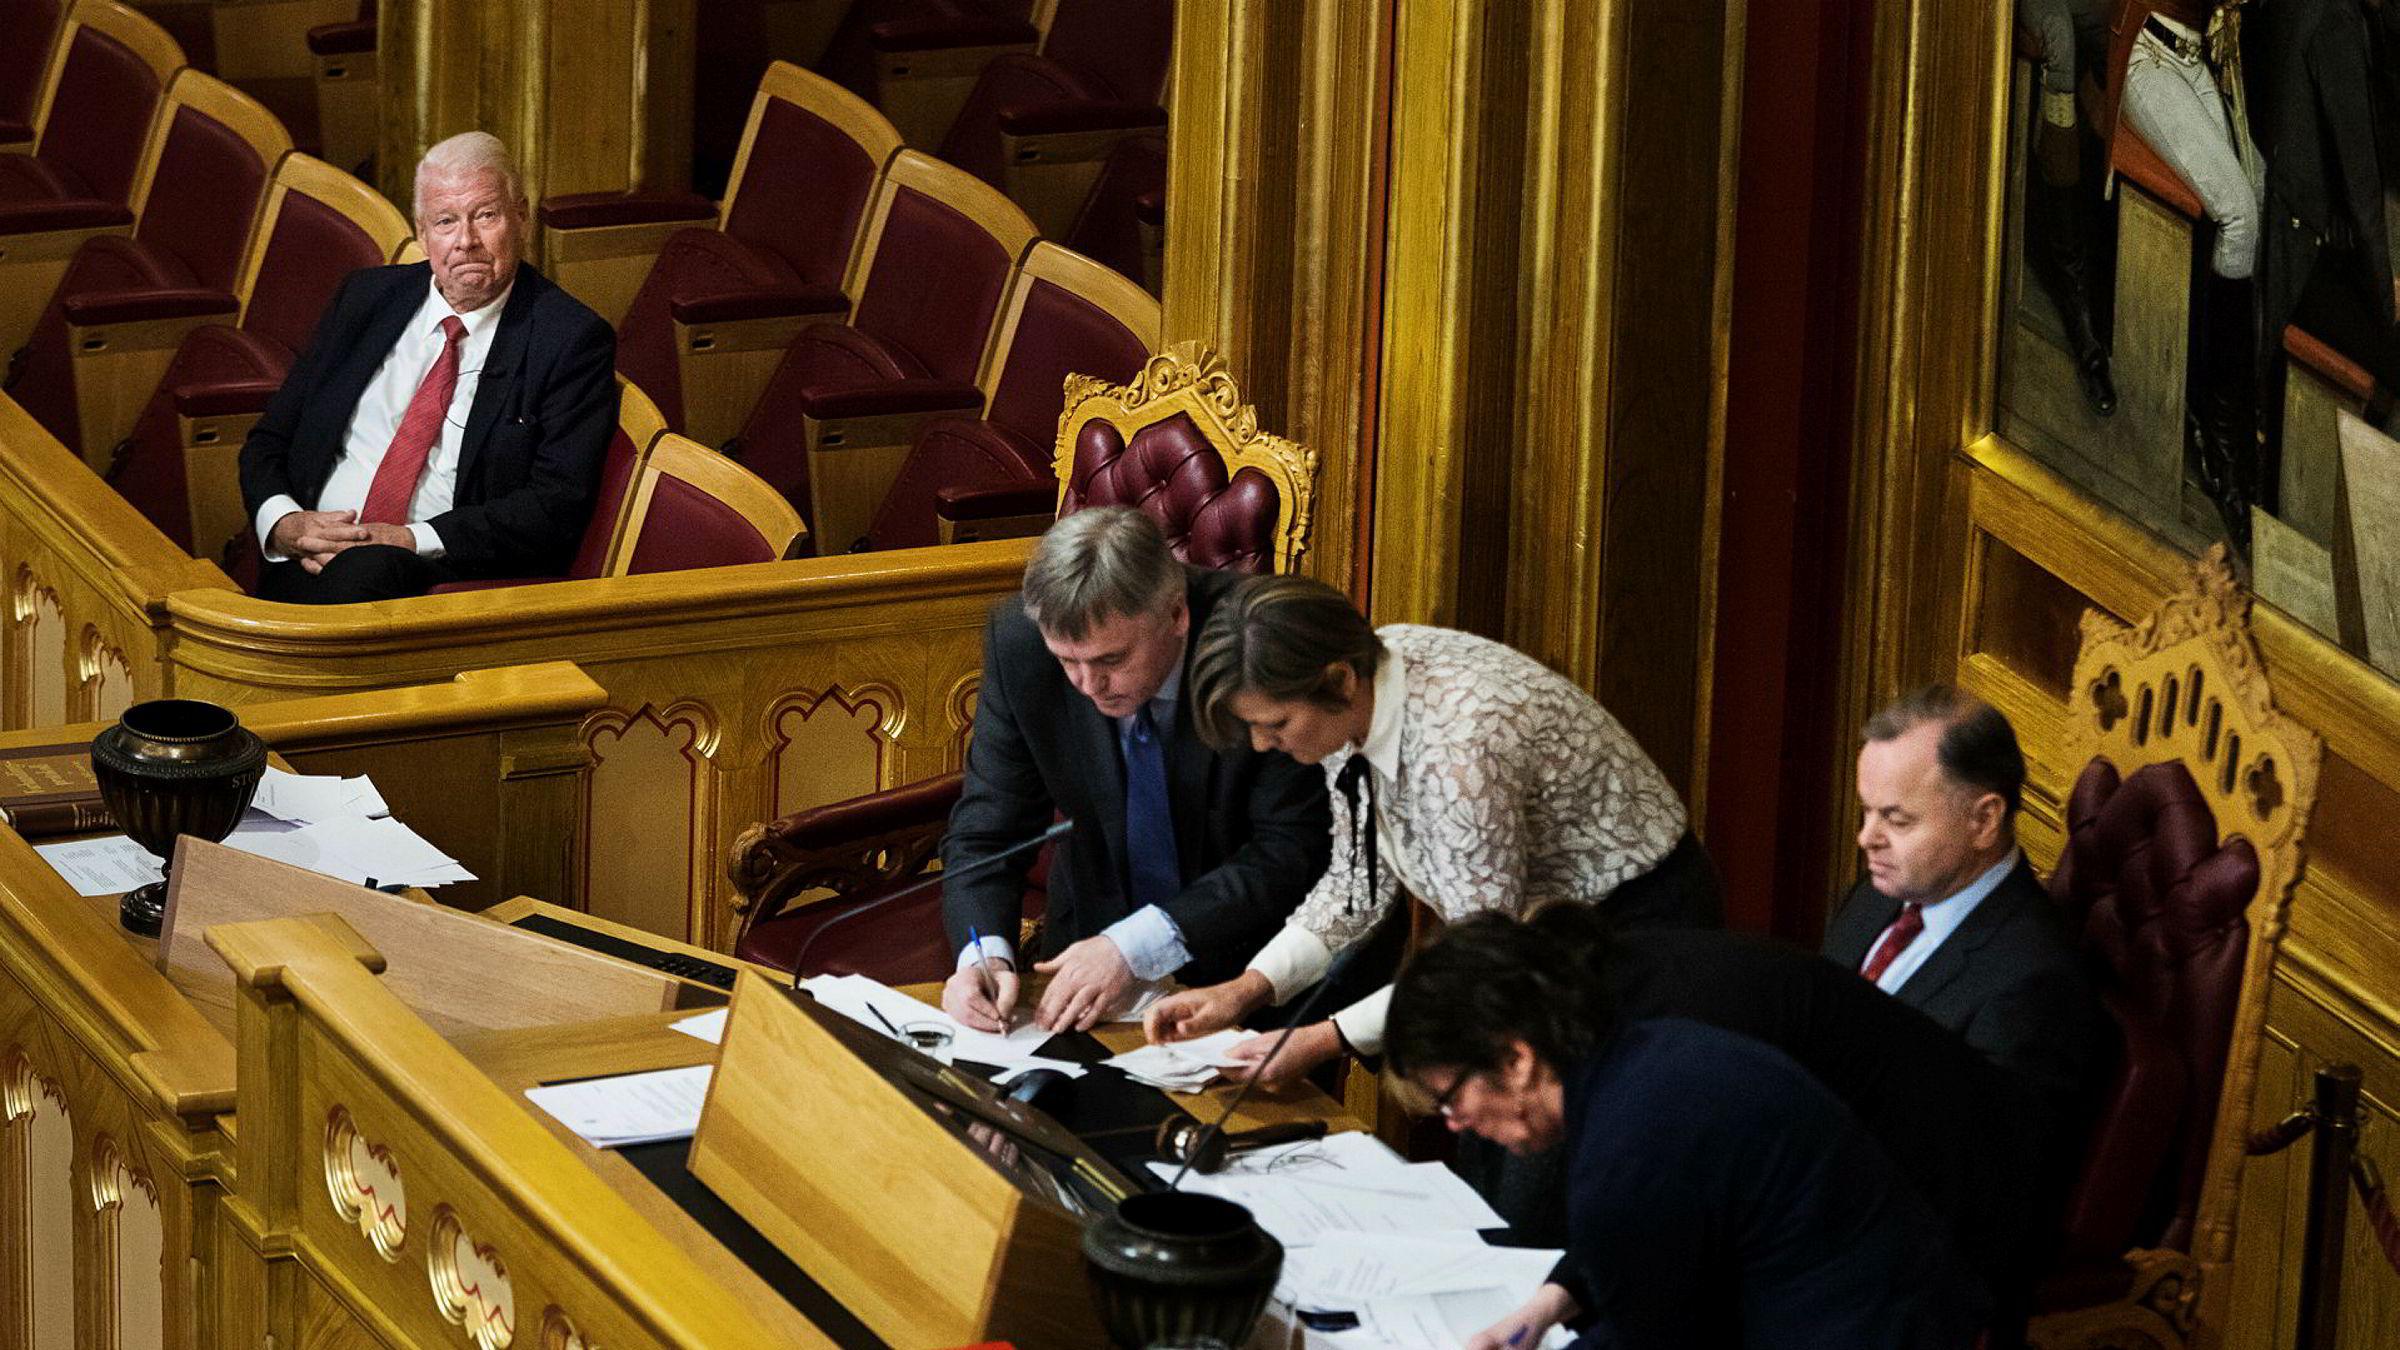 Fra diplomatlosjen fulgte Frp-grunder Carl I. Hagen opptellingen av stemmene ved valg til Nobelkomiteen. Til høyre sitter stortingspresident Olemic Thommessen.